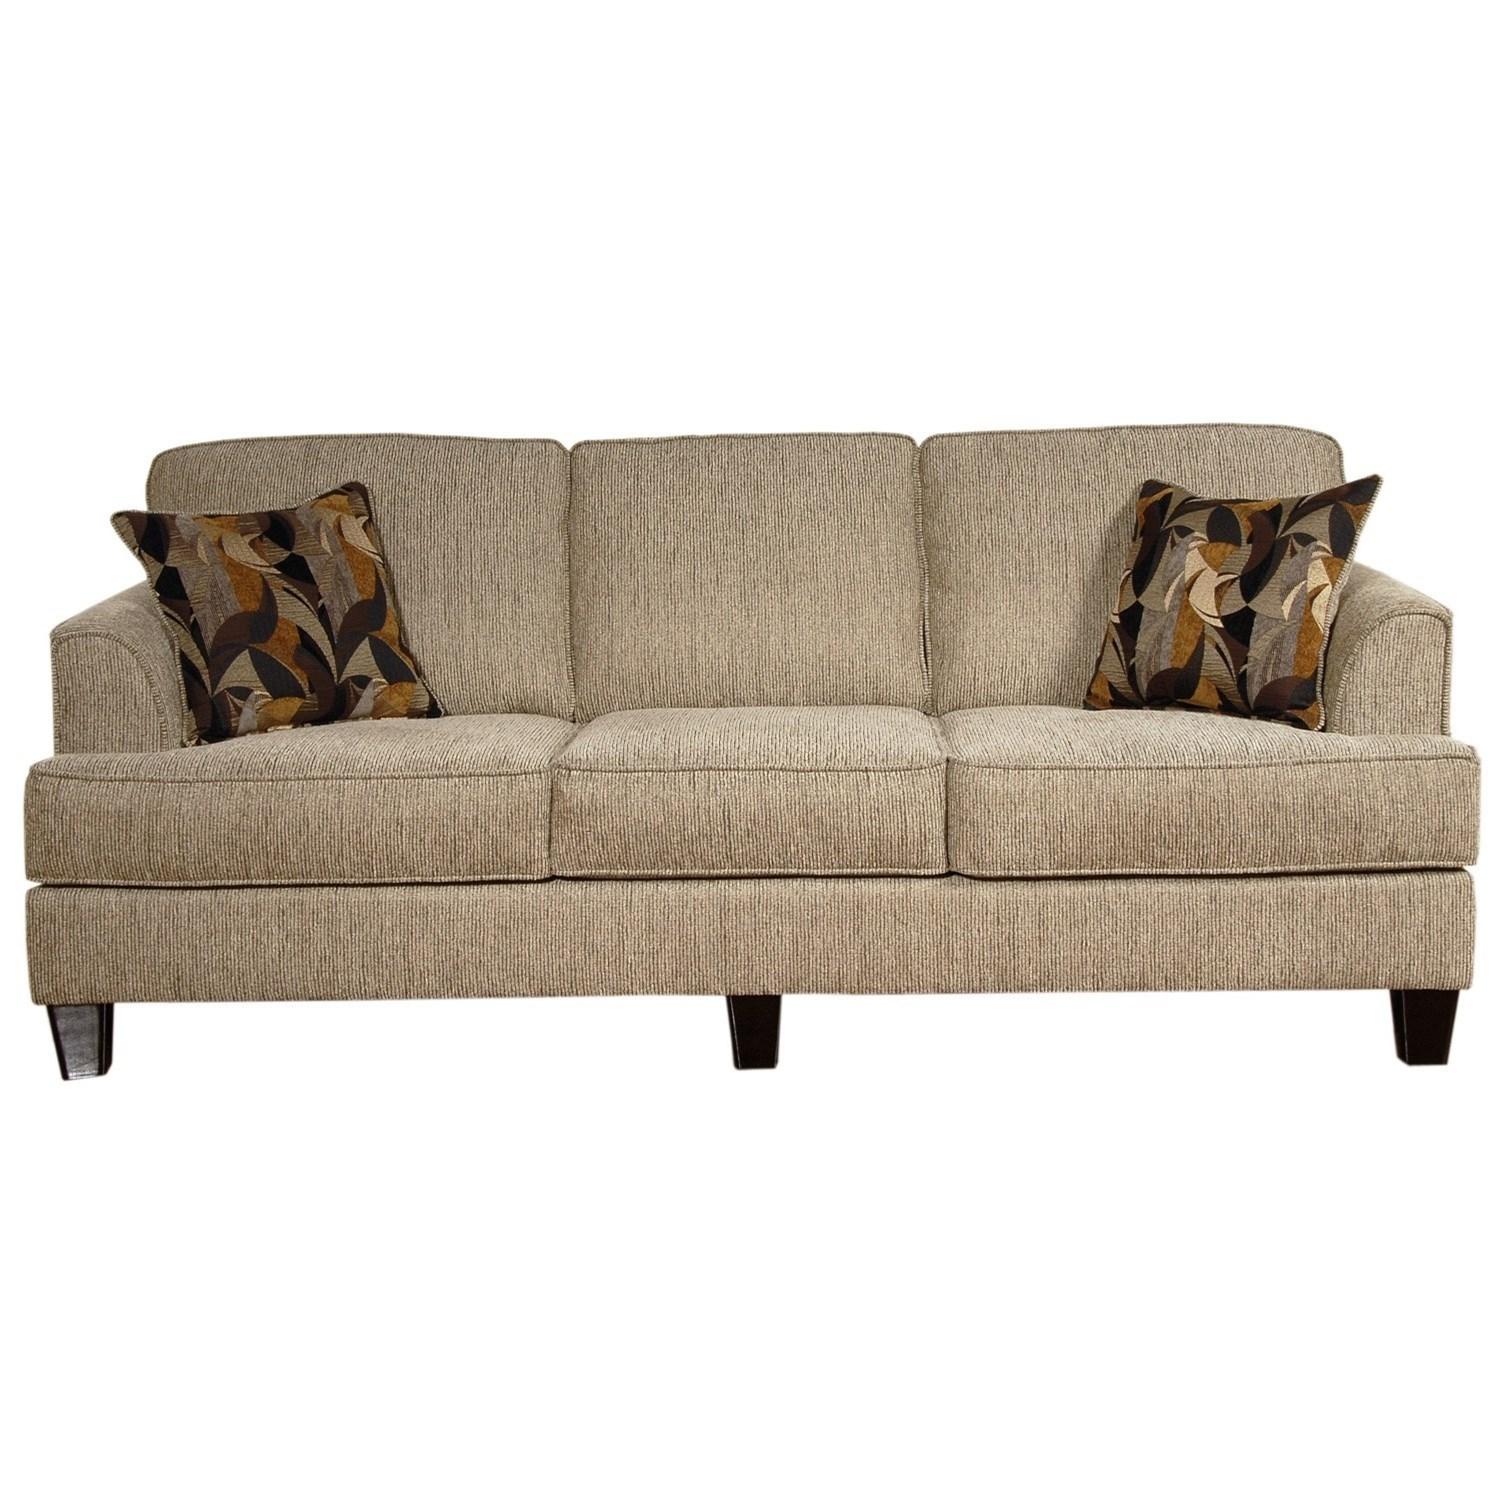 5600 contemporary sofa